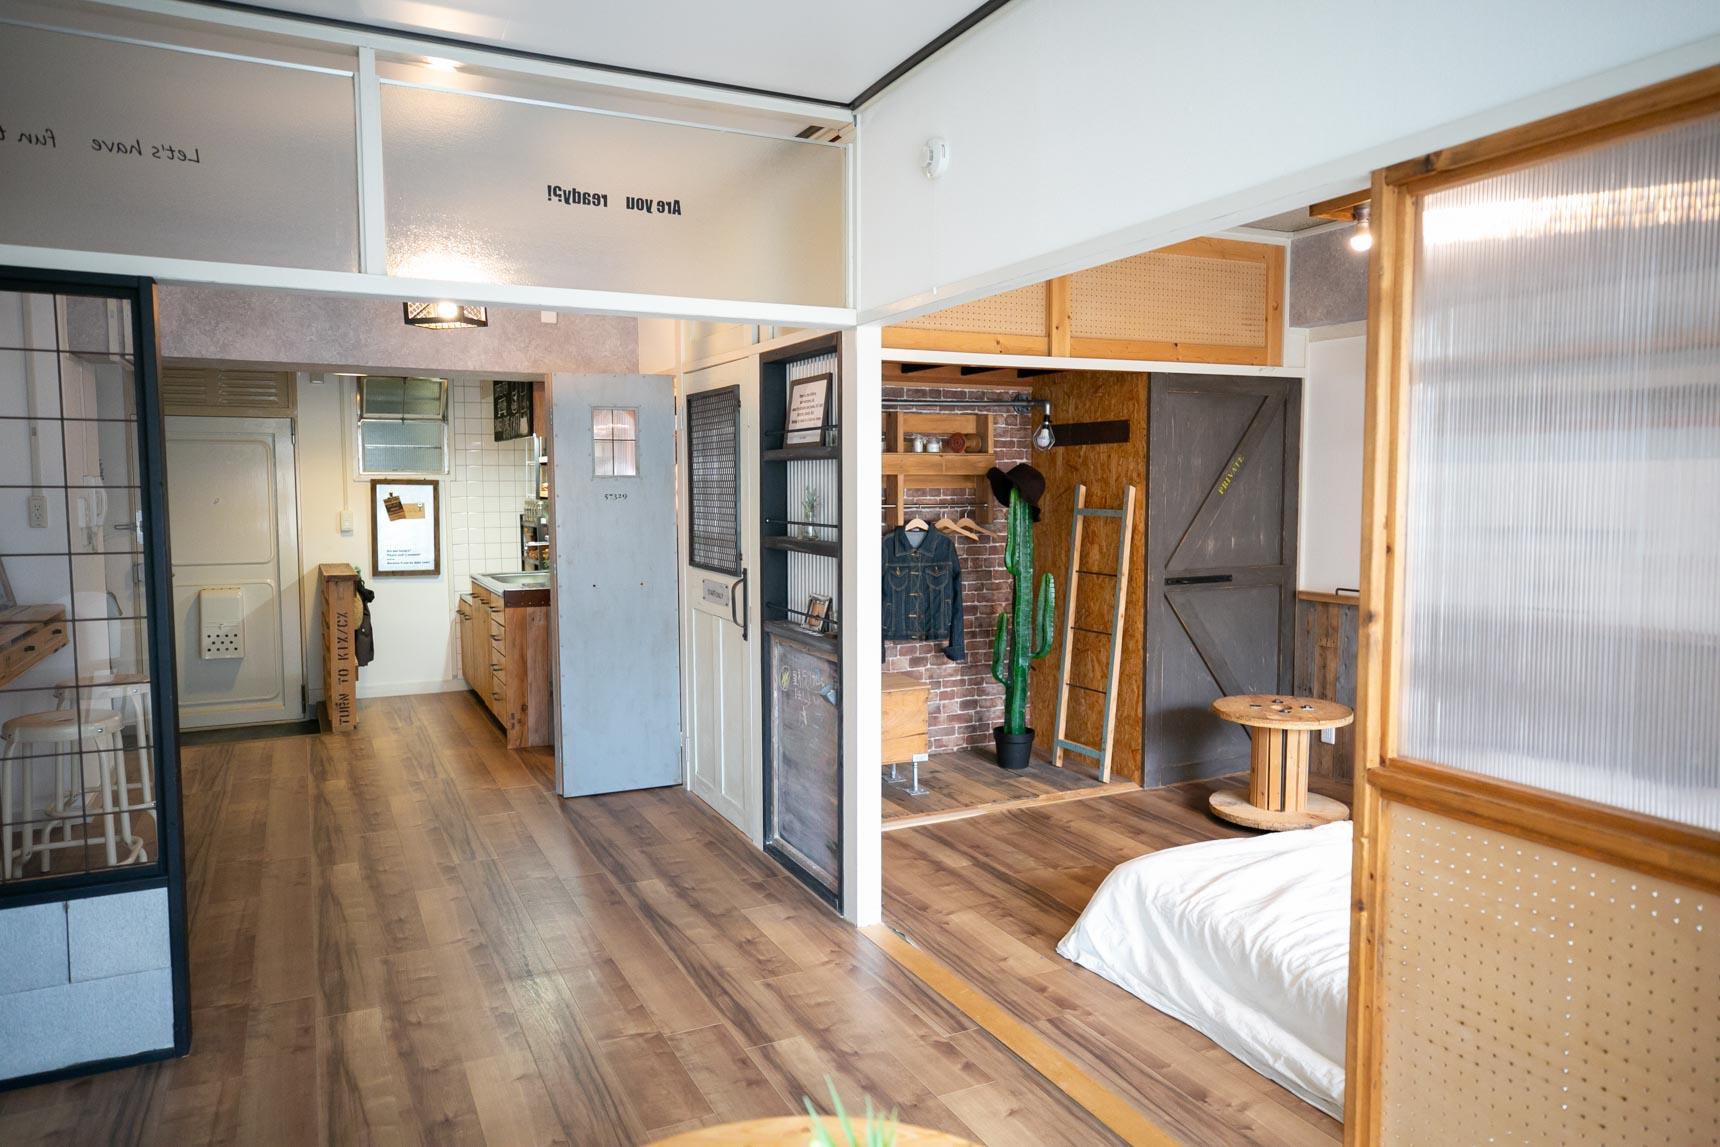 モデルルームでも、元々の団地のよさを生かした空間づくりがされているのが素敵だなと感じました。